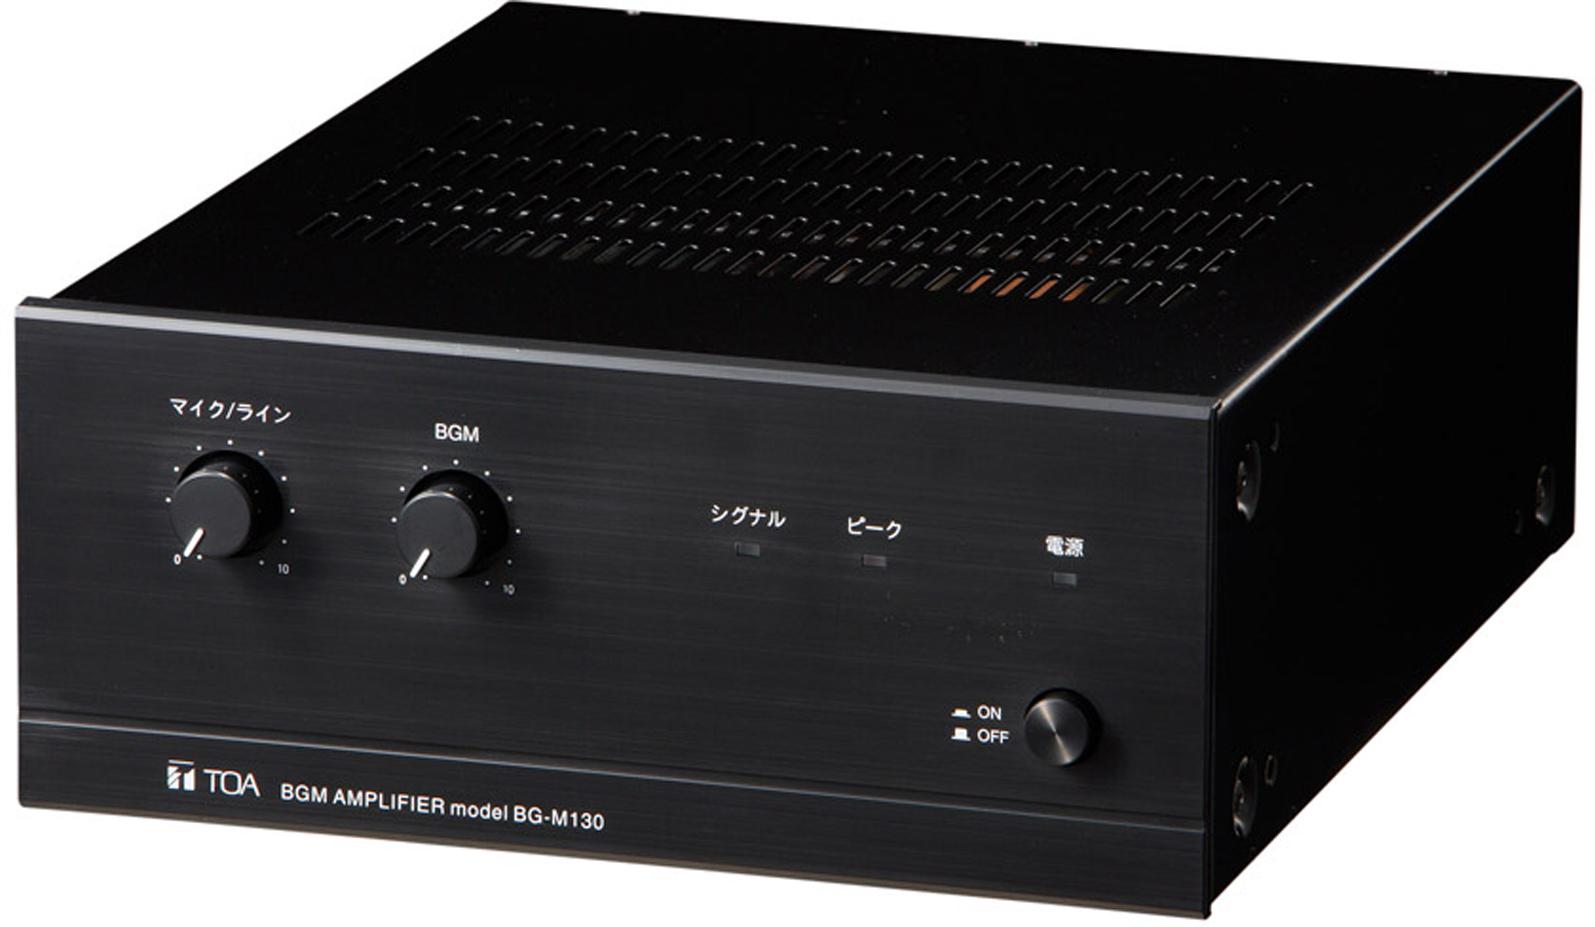 Яティーオーエー/TOA 音響機器【BG-M130】BGMアンプ  屋内用PAアンプ